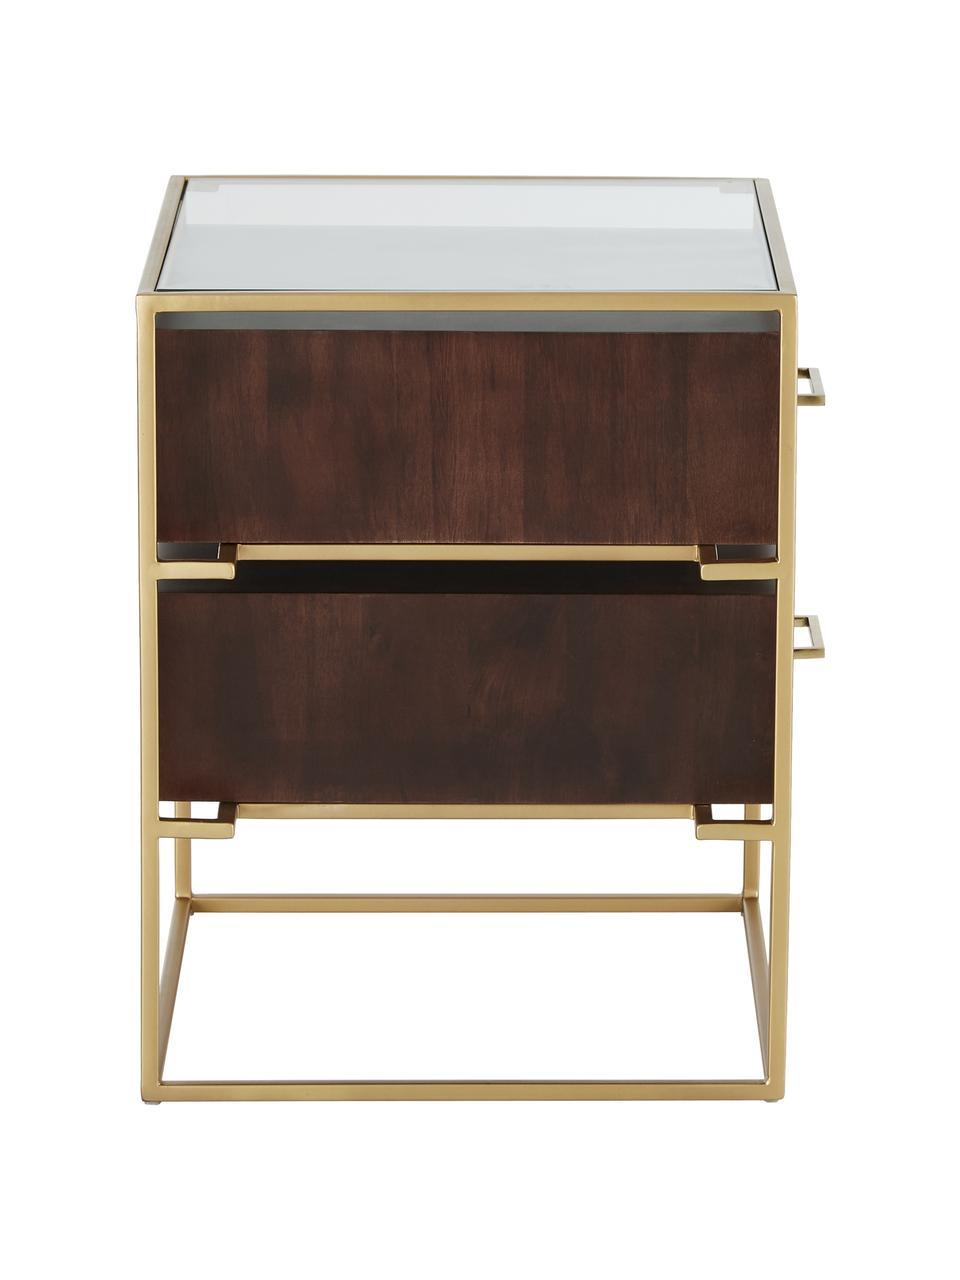 Comodino con piano in vetro Lyle, Struttura e maniglie: metallo verniciato a polv, Mensola: vetro, Marrone scuro, dorato, Larg. 45 x Alt. 58 cm